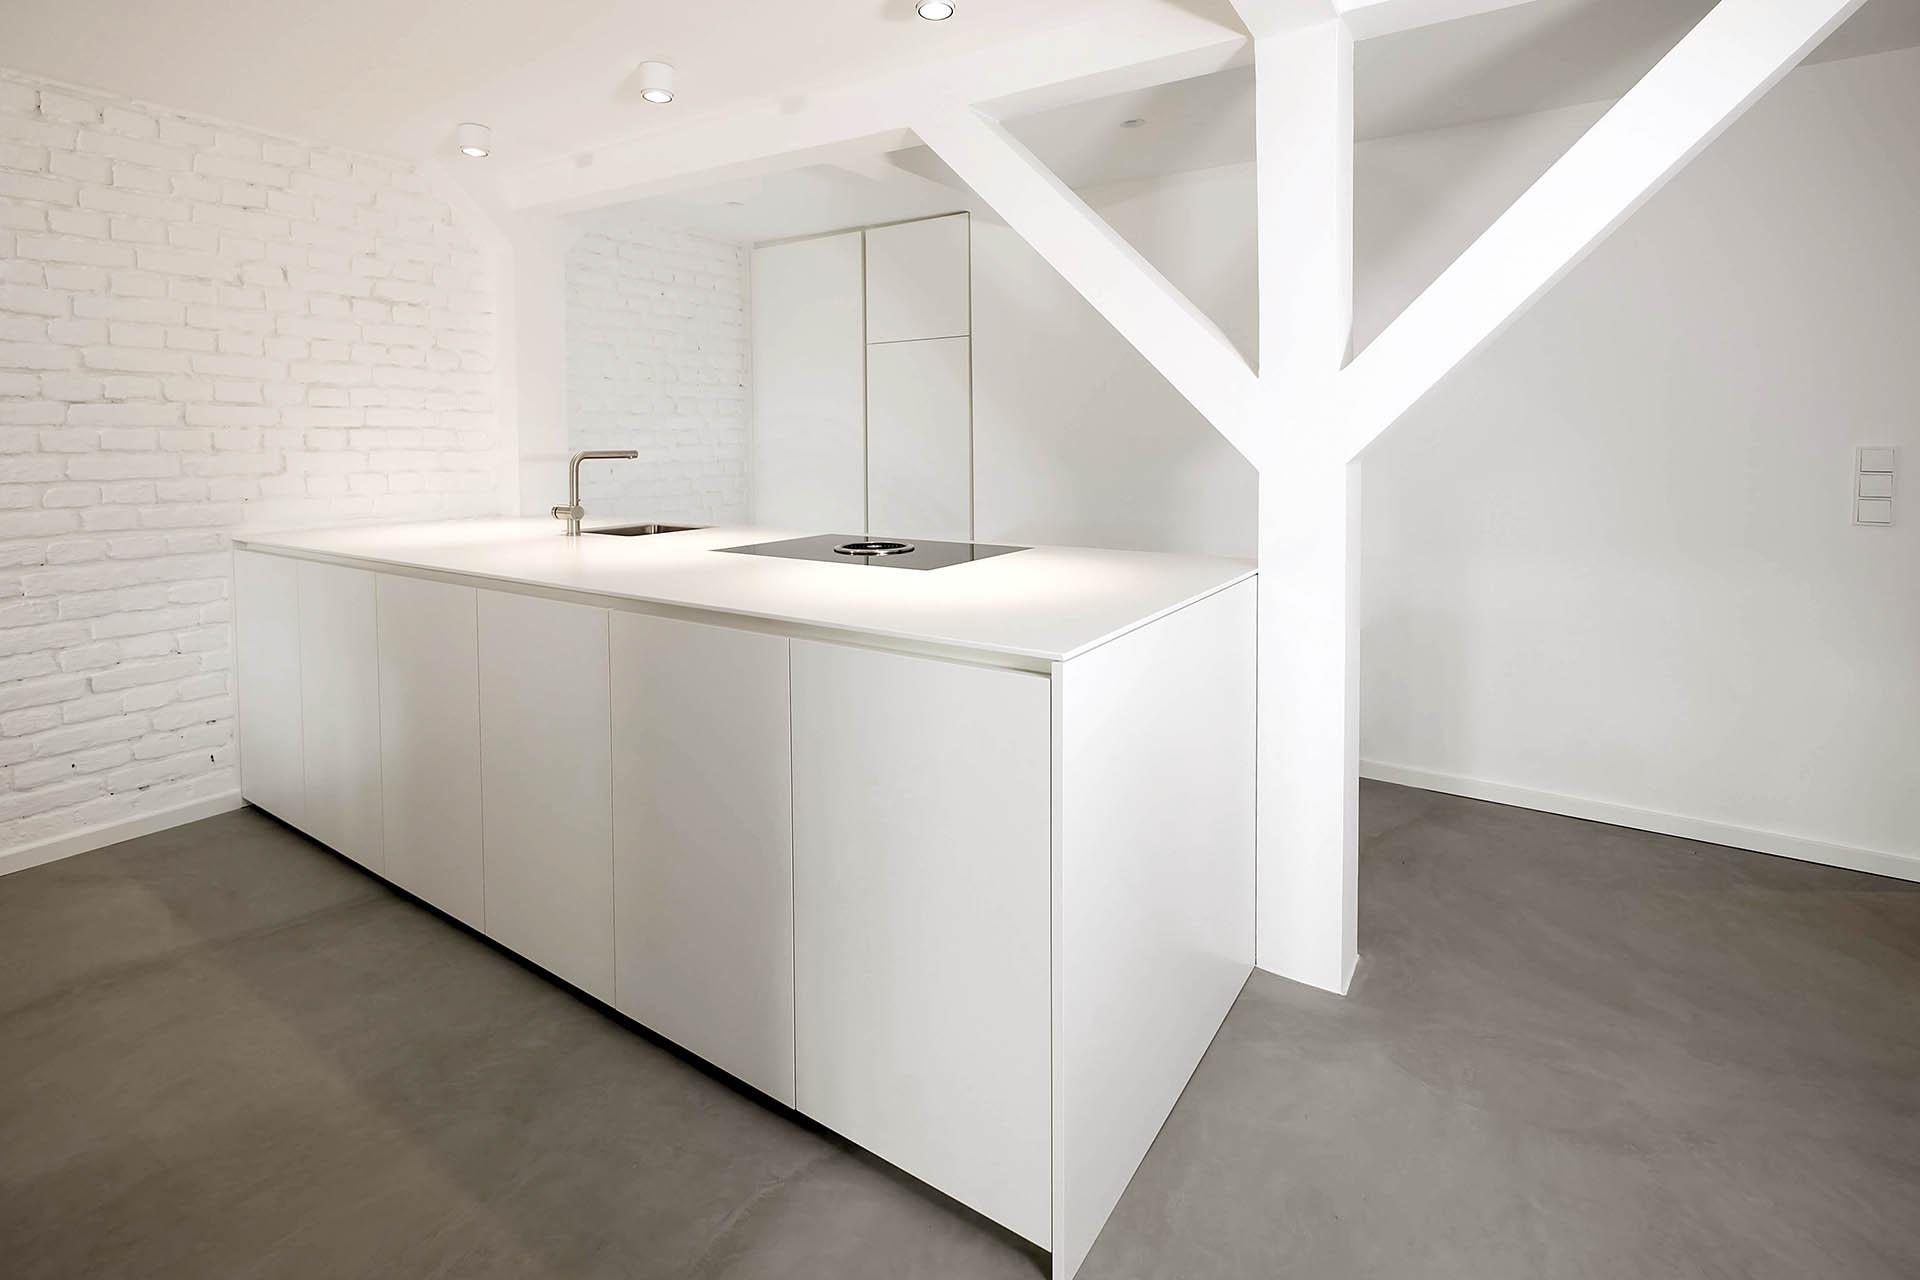 Masfina | Feine Küchen und Möbel auf Mass | Home Slider Image 010